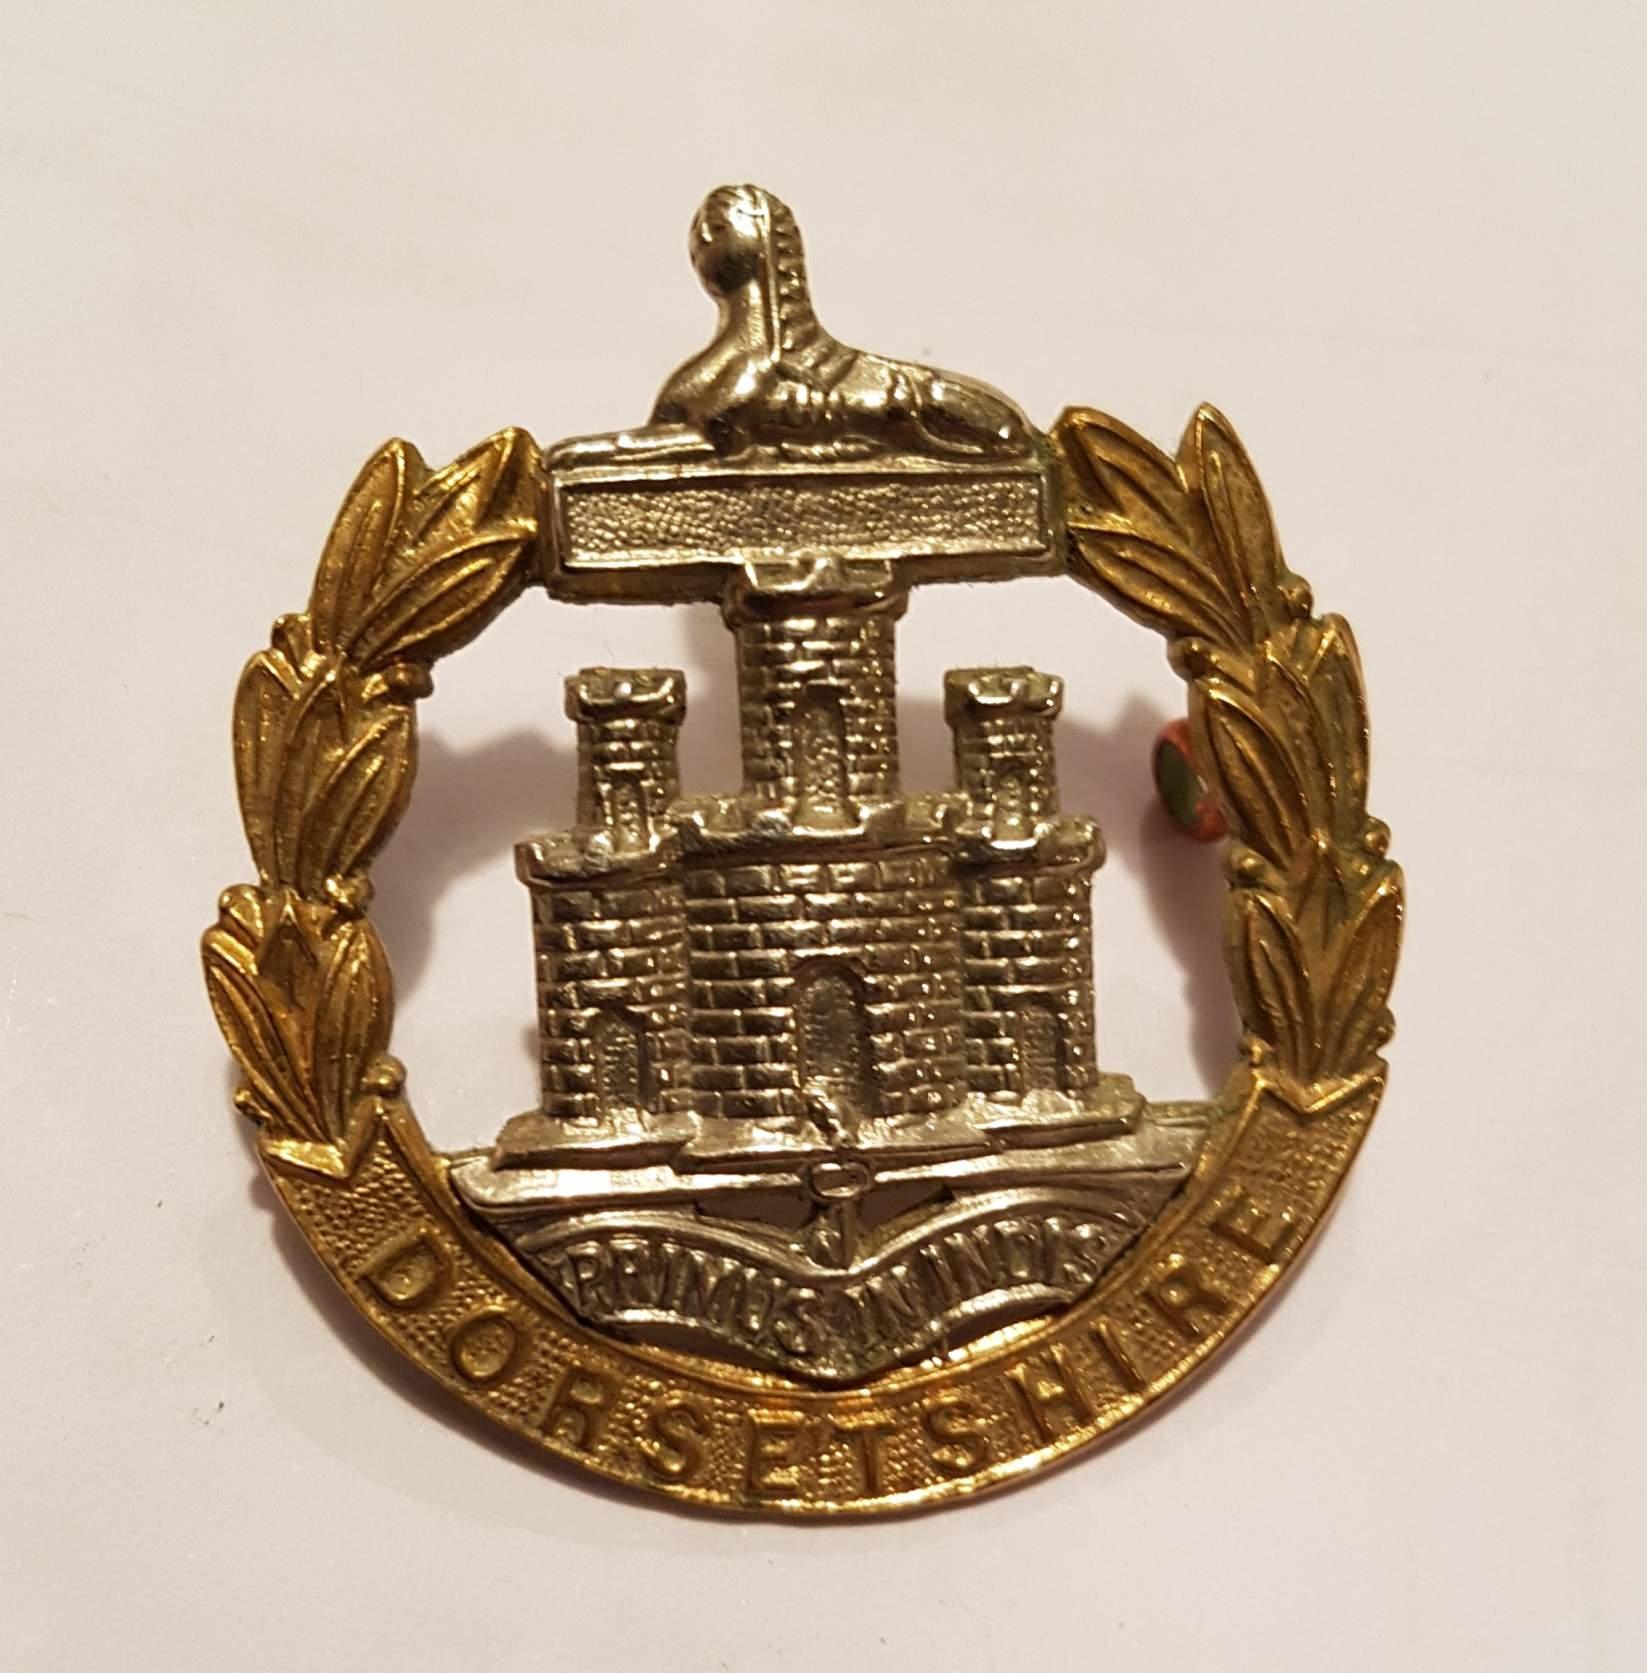 Large Dorsetshire Regimental Medal Display Case